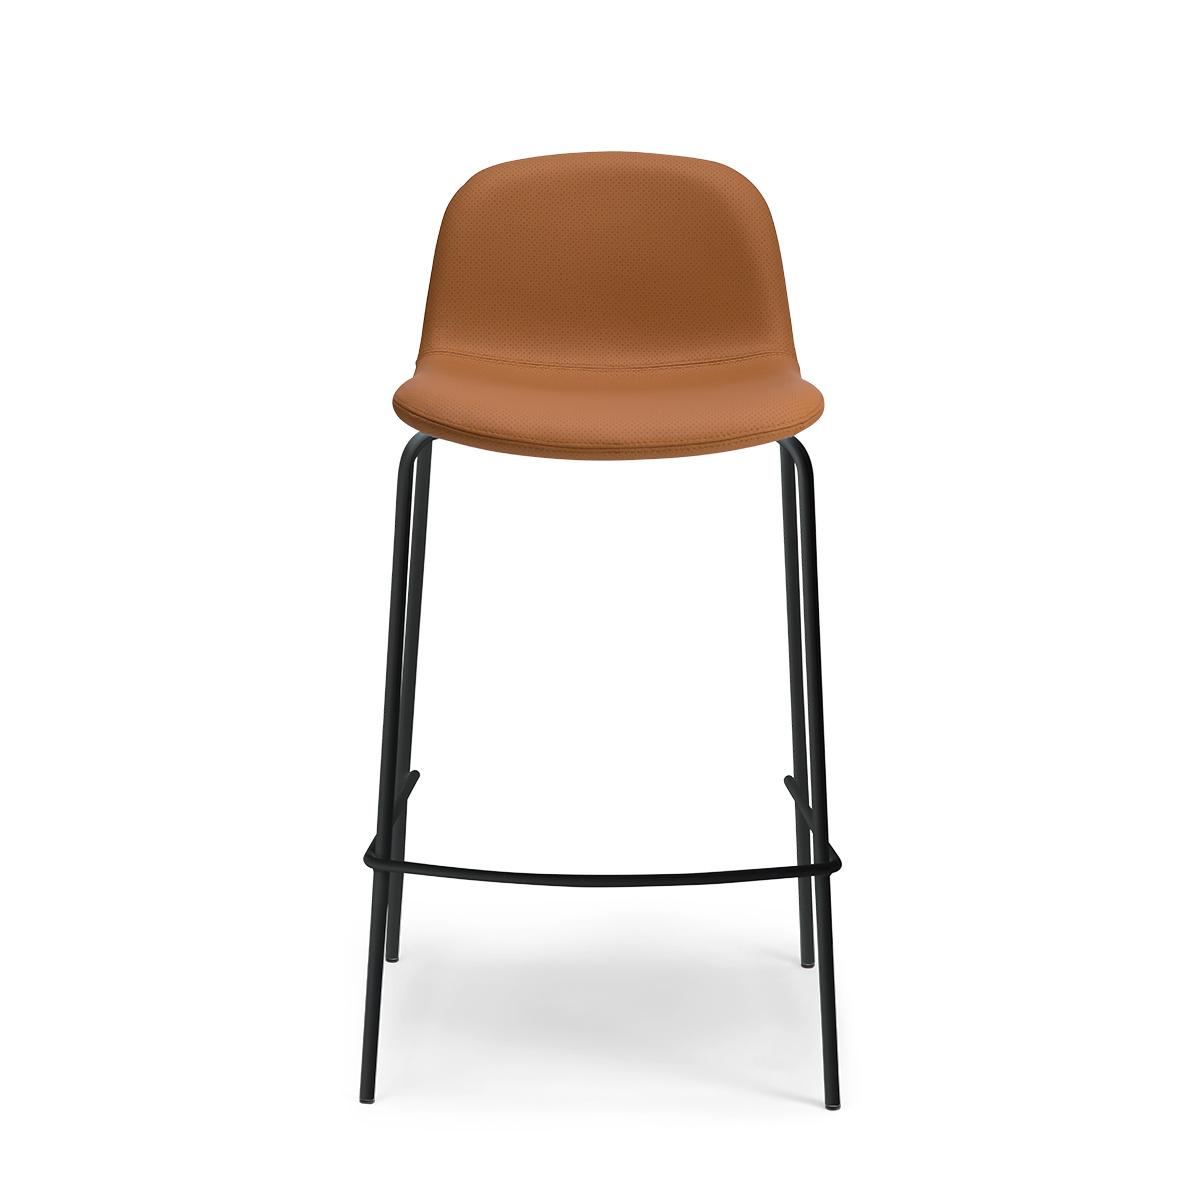 Chaise de bar Monza pieds noirs cuir perforé caramel